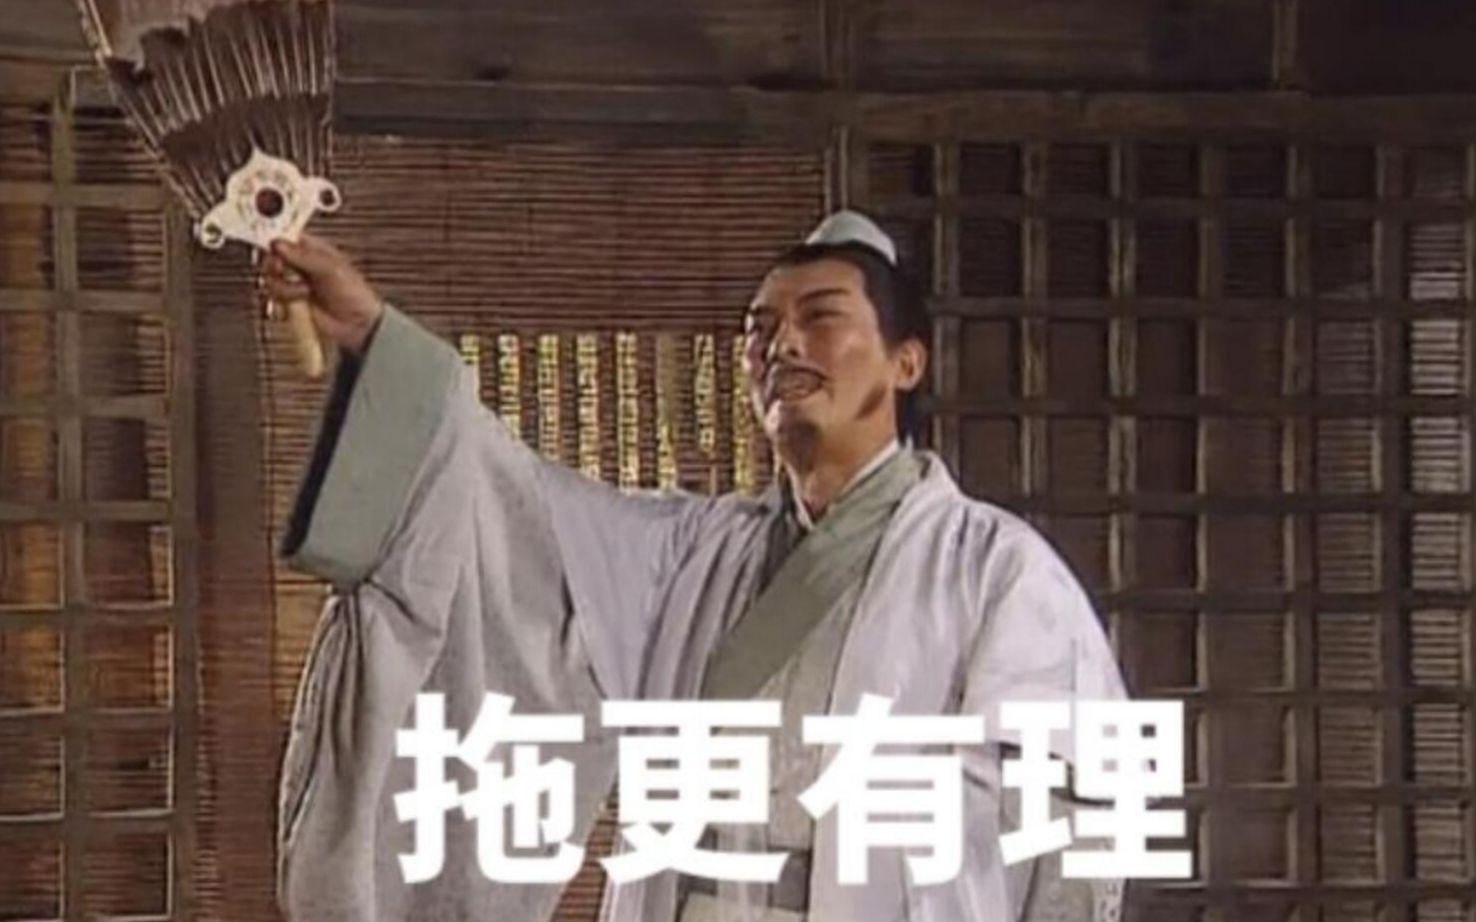 【诸葛vs刘备】没有拖更,不算UP主